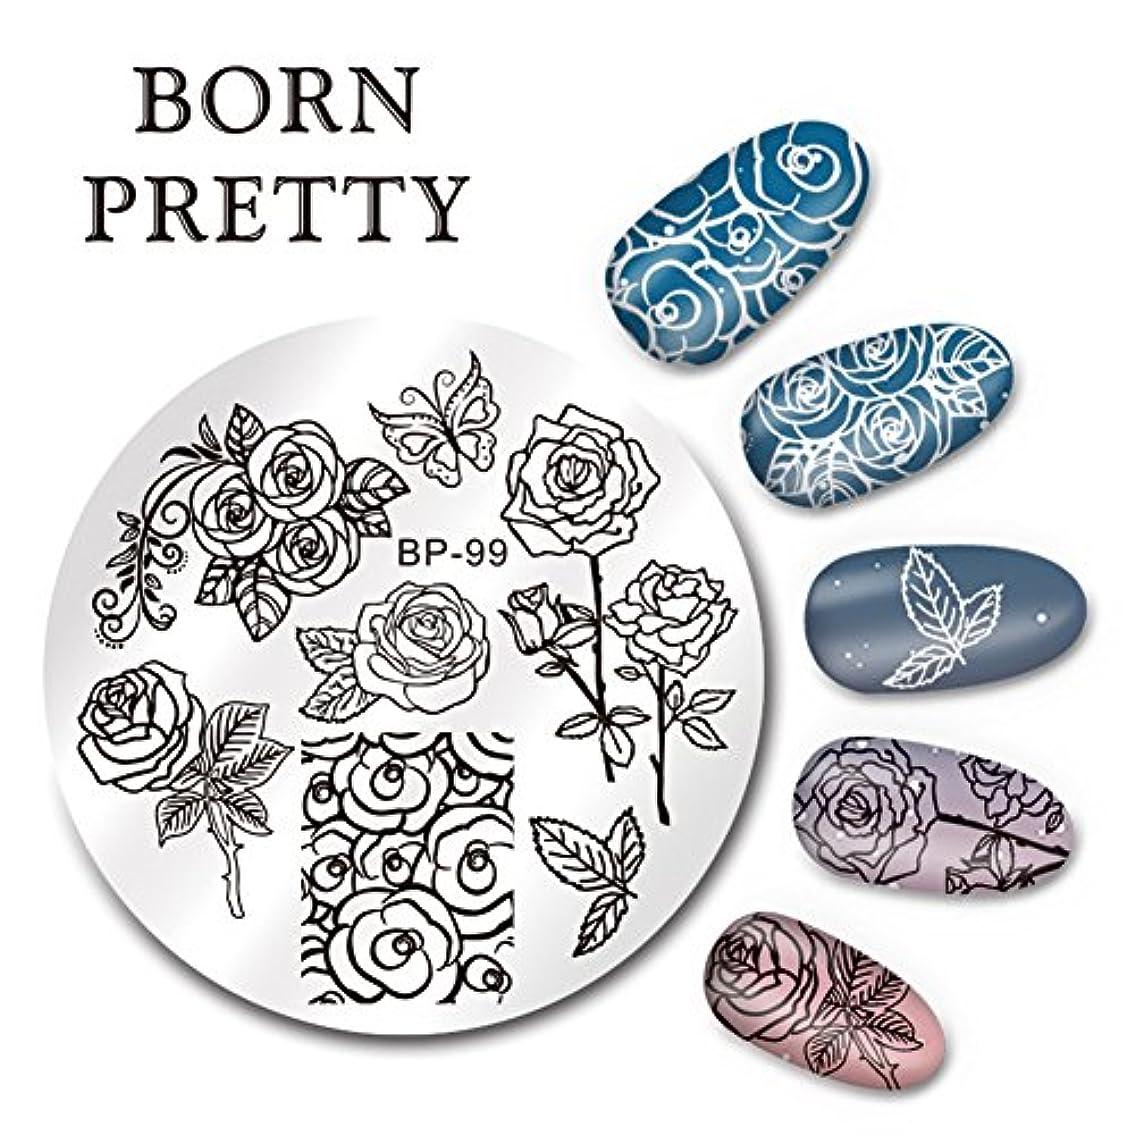 換気するリングレット後世BORN PRETTY 蝶*花柄 イメージプレートスタンピングプレートネイルアート5.5cm 丸い BP-99